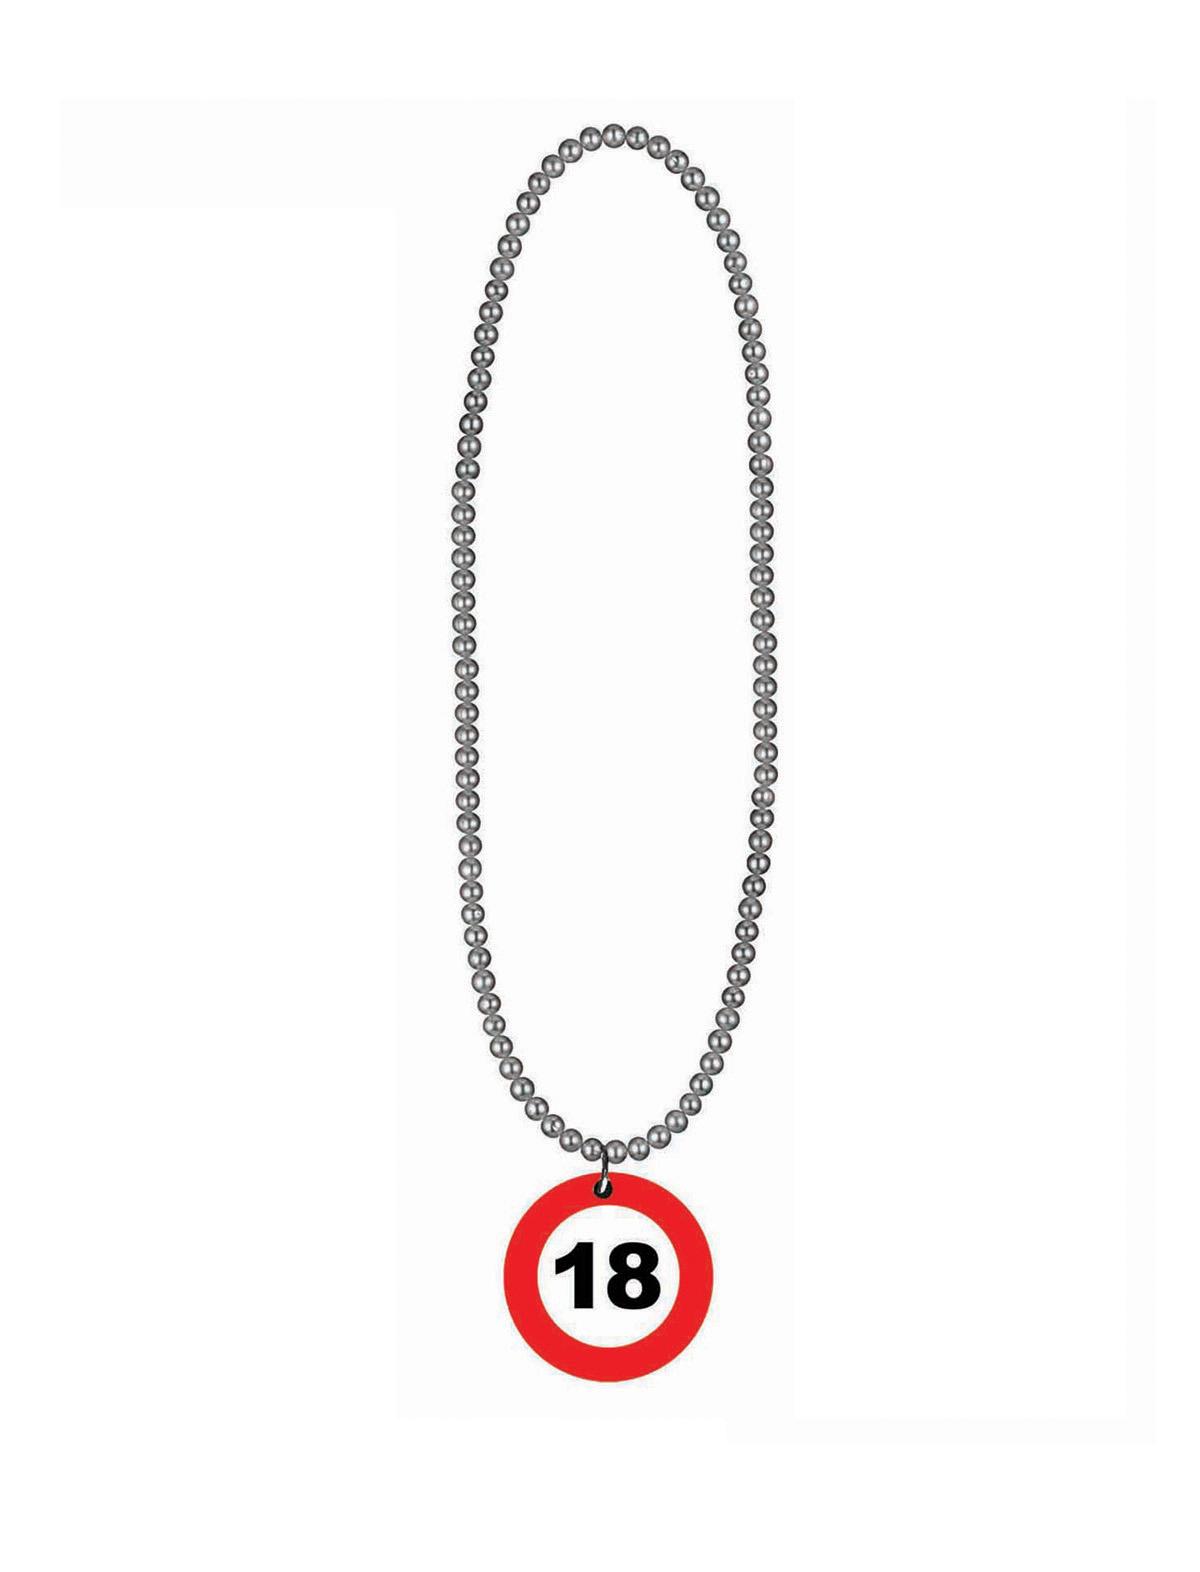 Halskette Geburtstag 18-70 Jahre 18 Jahre